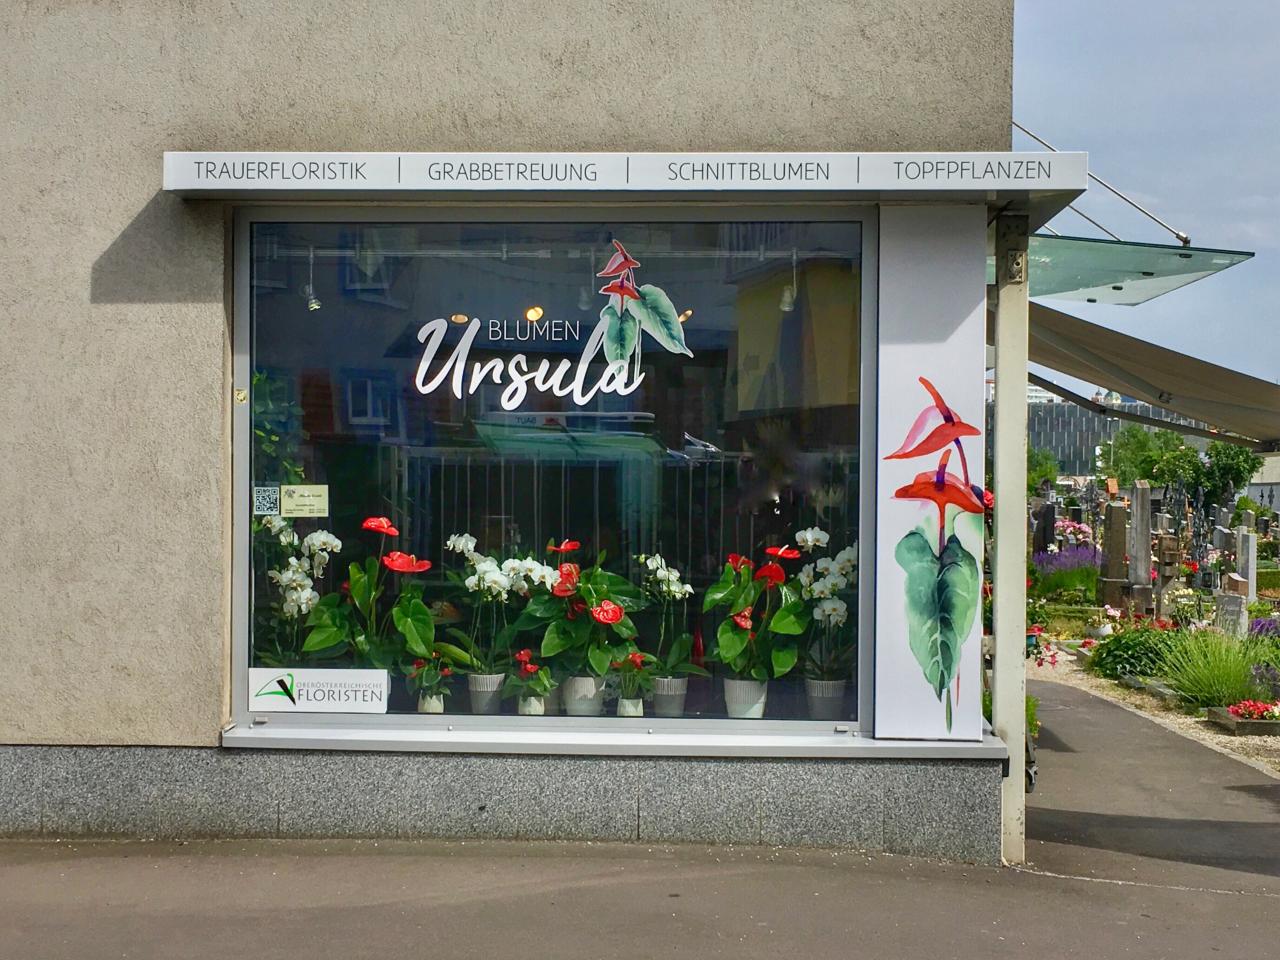 Blumengeschäft Blumen Ursula von vorne